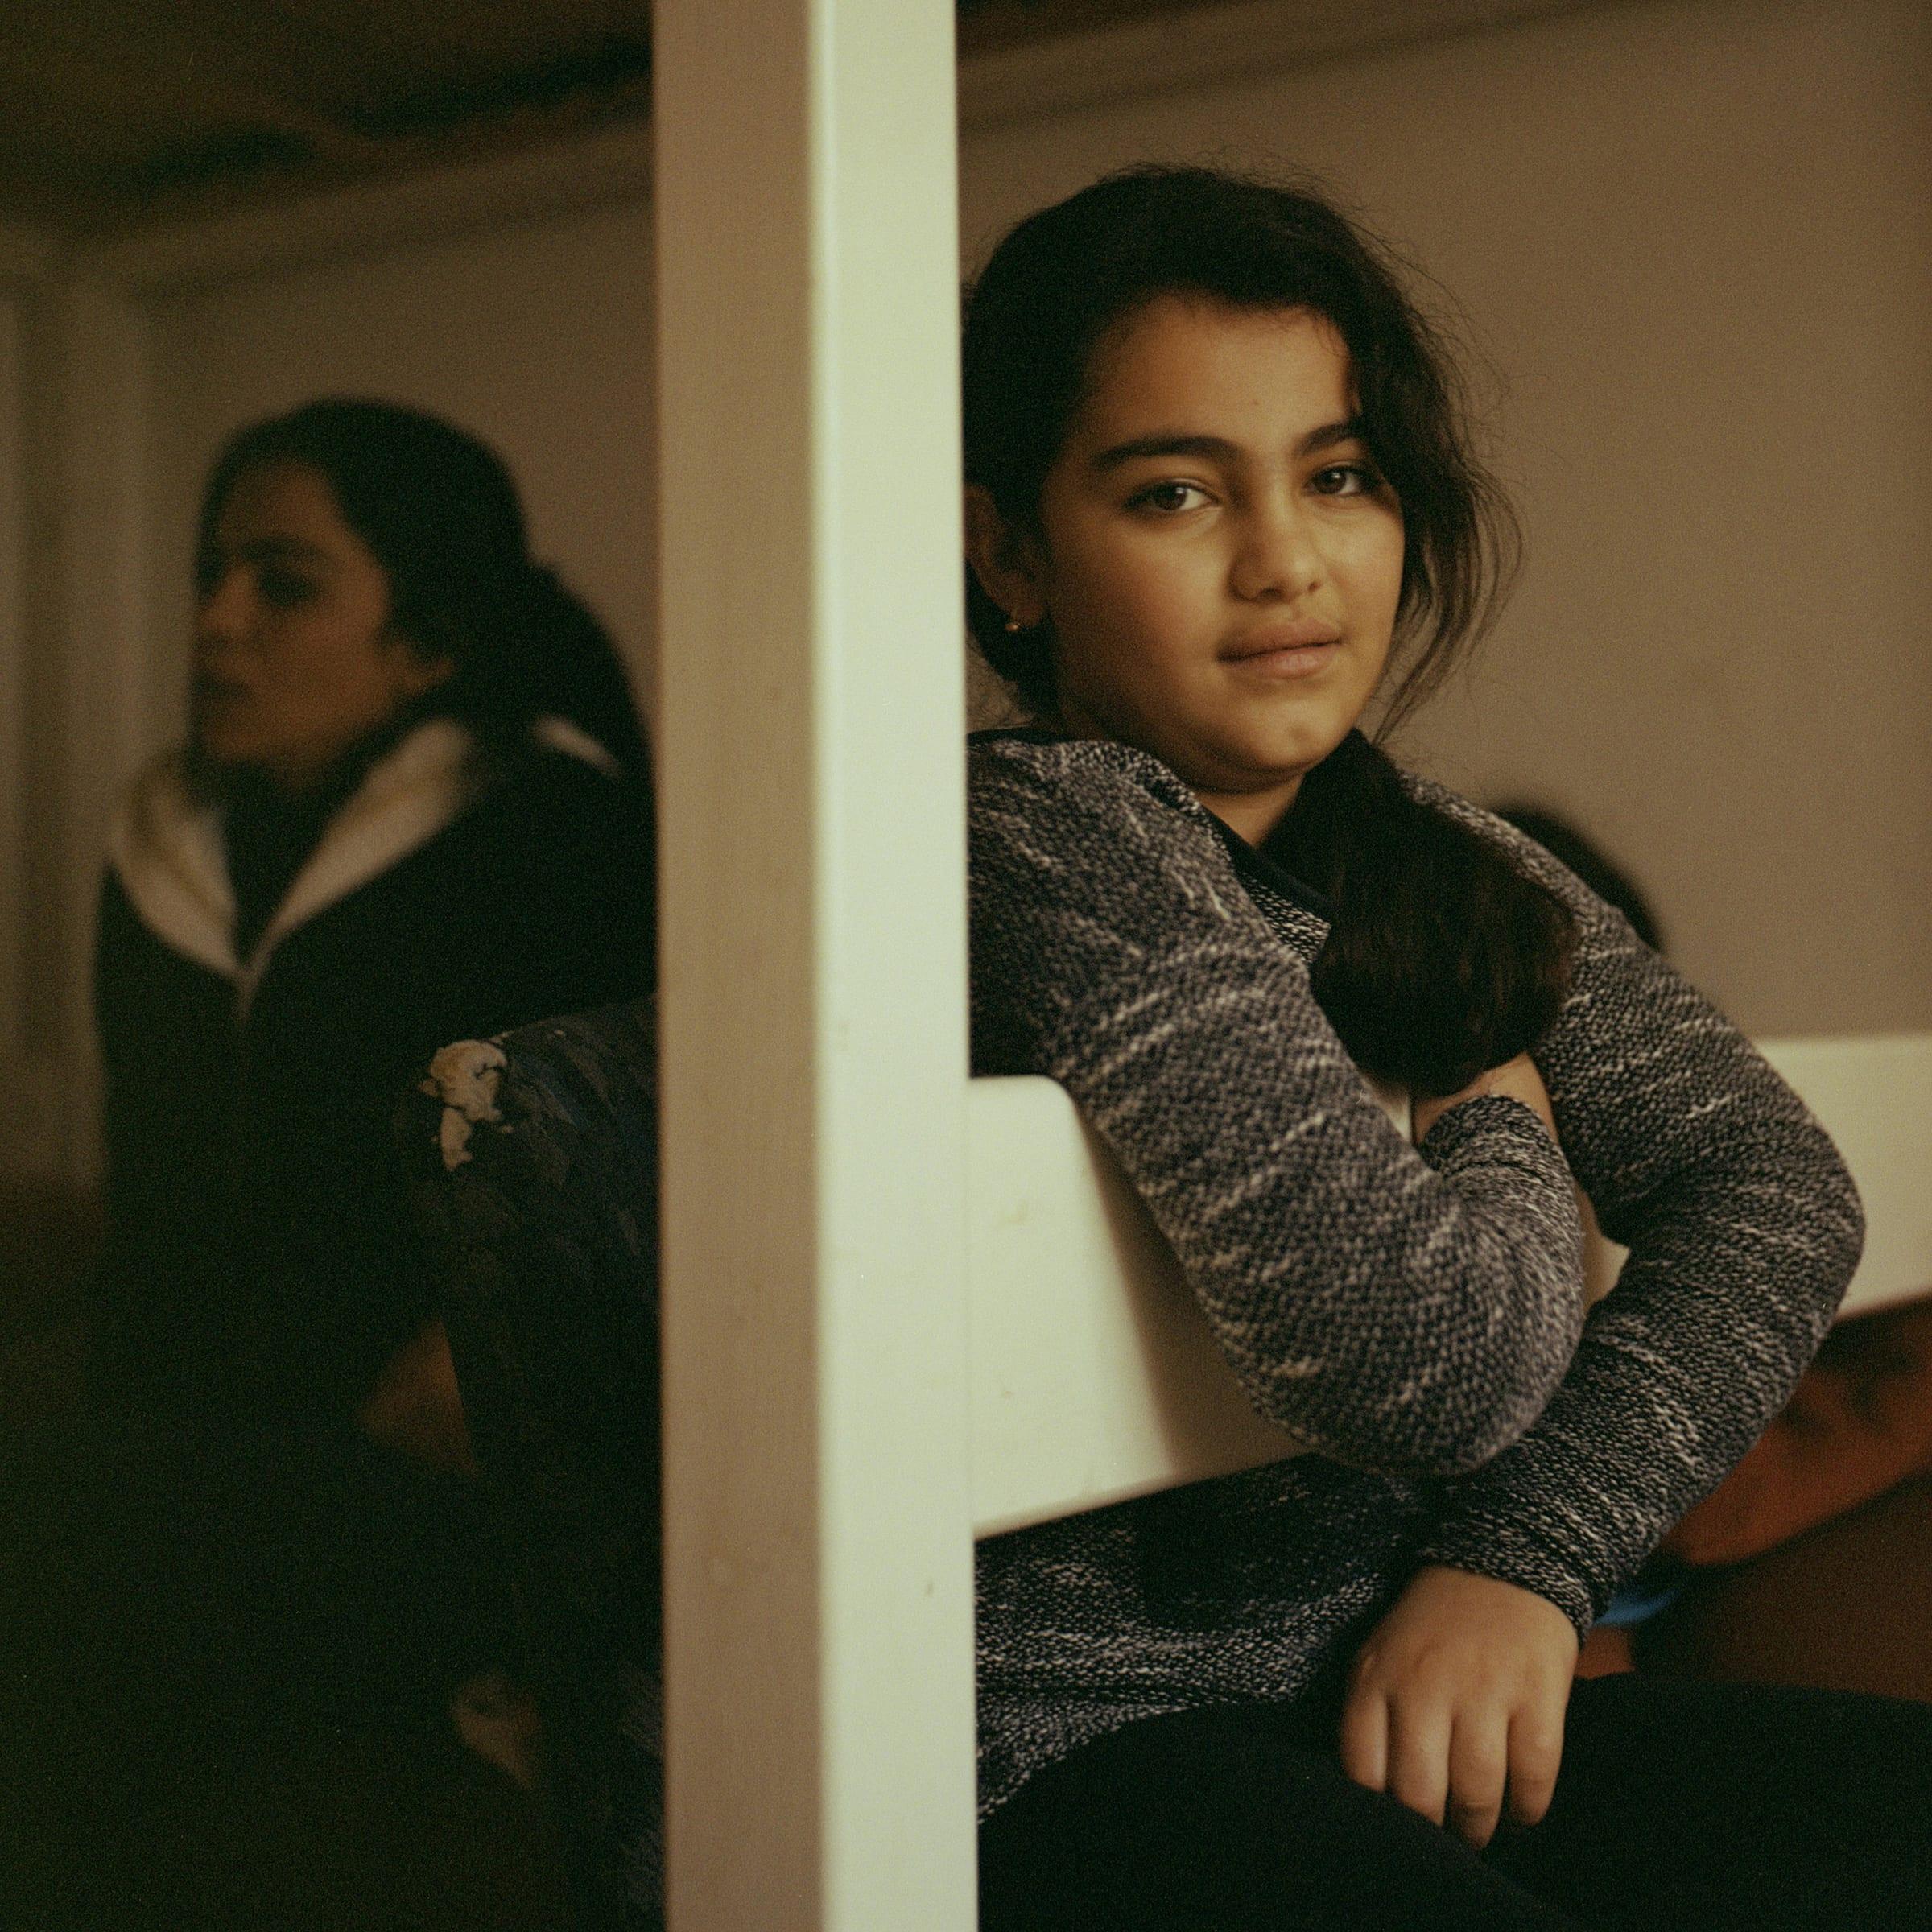 Berivan, Hanan's 10-year-old daughter, at home.